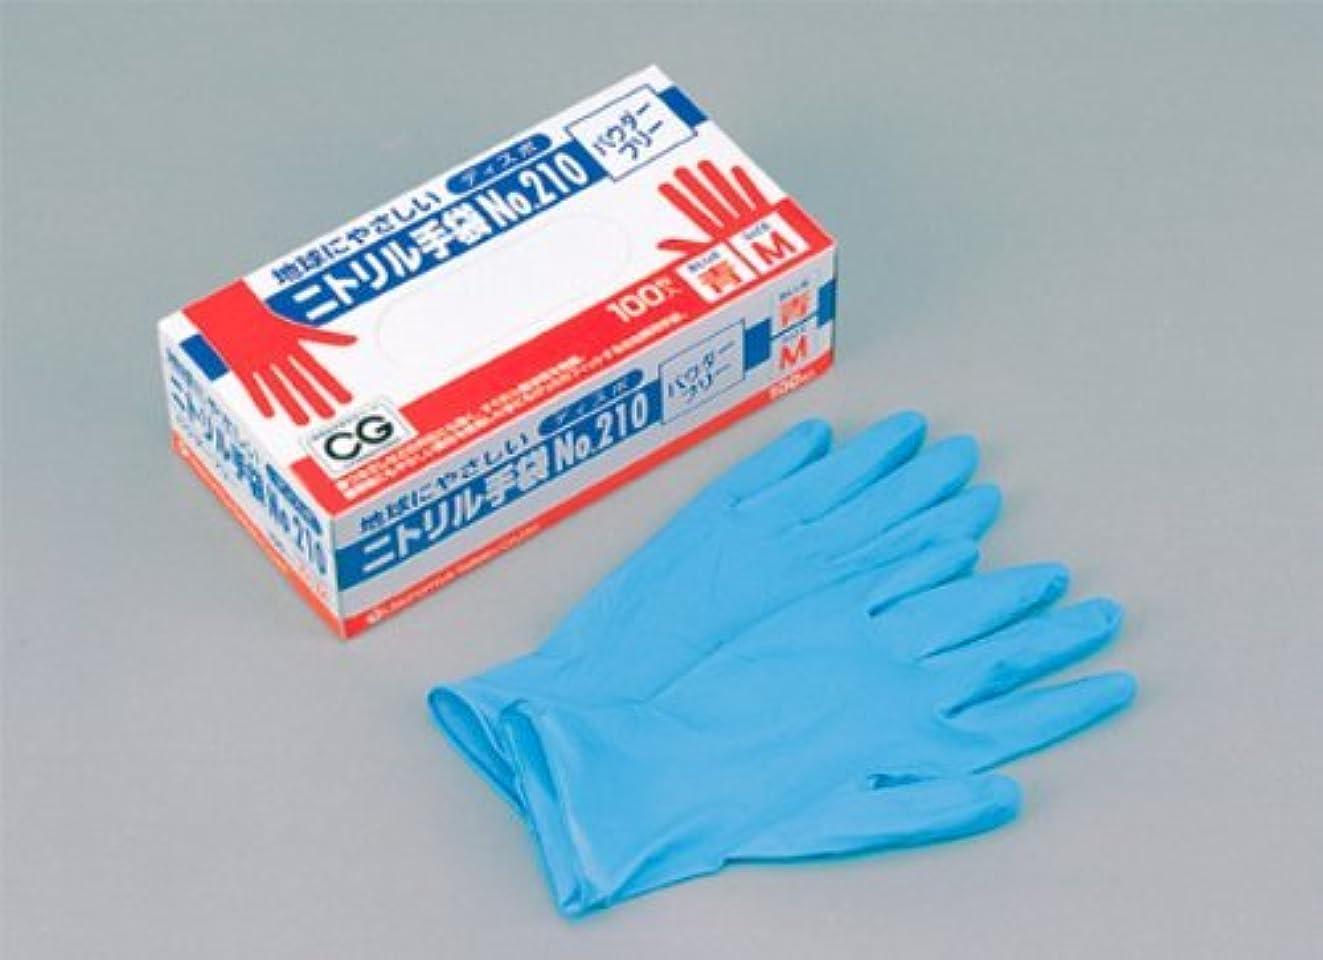 単調なジョガーグラディスニトリルディスポ手袋 青 No.210 パウダーフリー(100枚入)LL